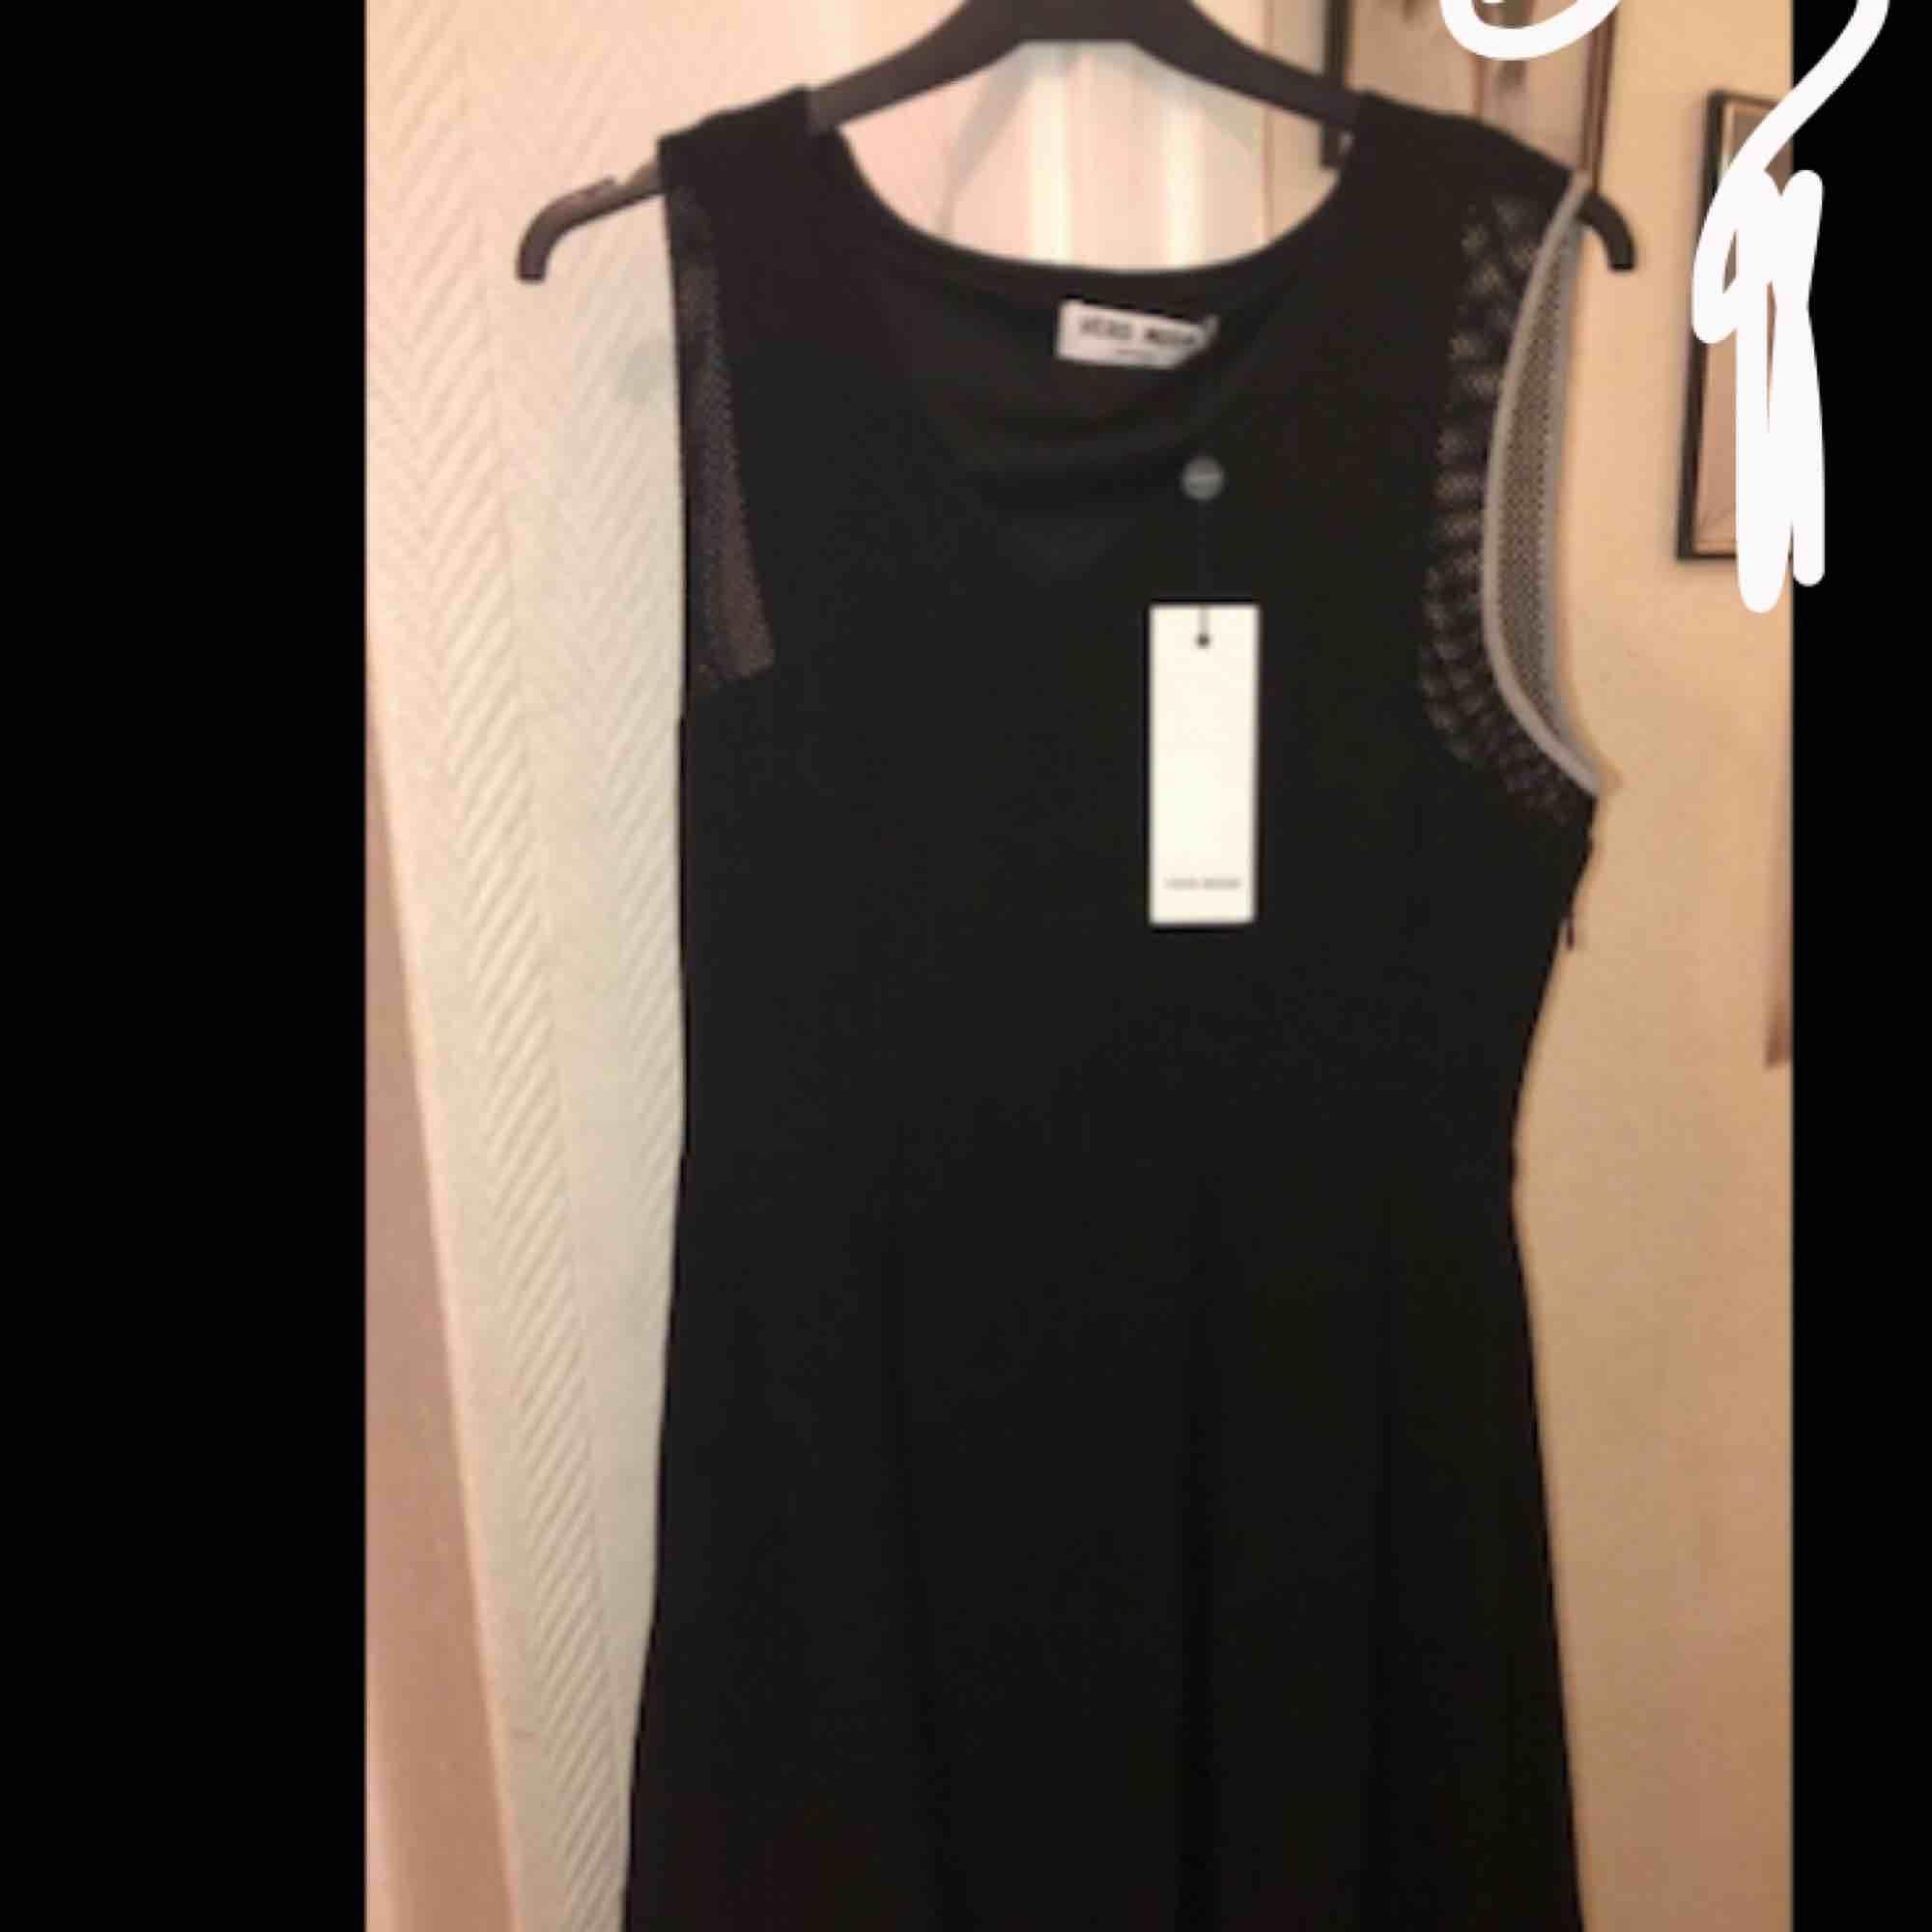 Säljer en helt ny klänning som aldrig är använd (endast testad) Ny pris 400kr säljer för 150kr (det är en kort klänning). Klänningar.